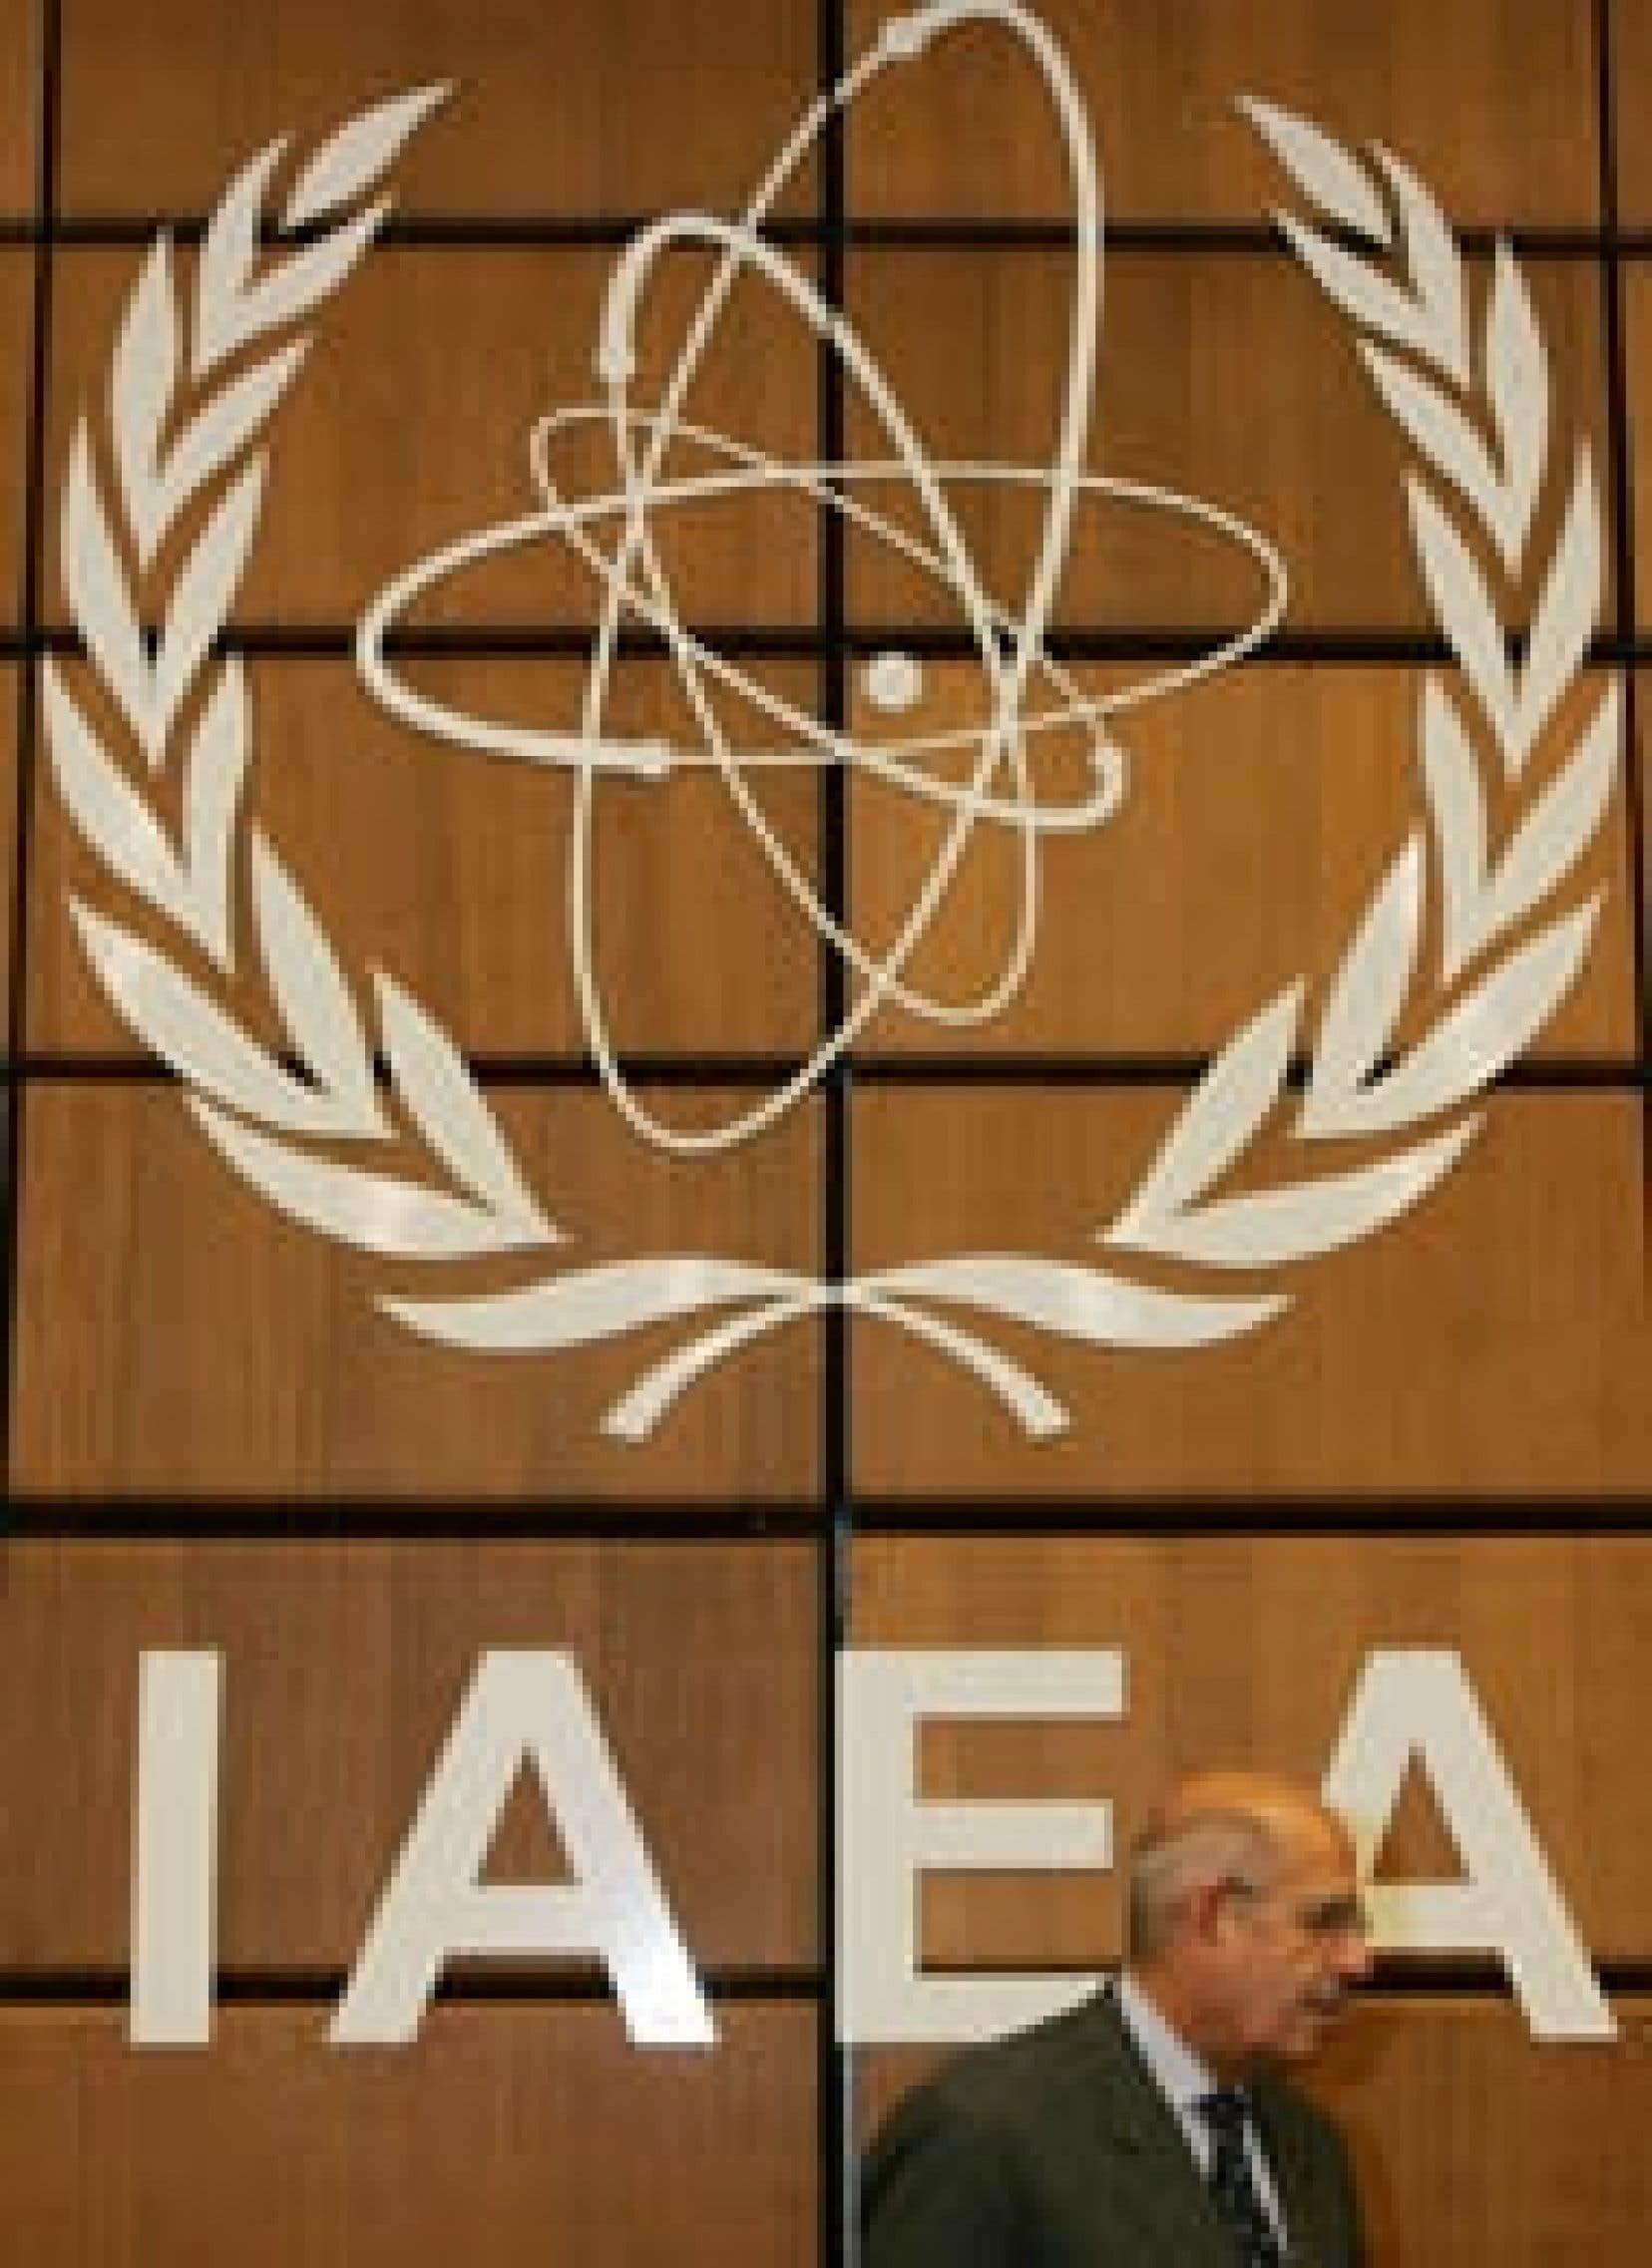 Le directeur général Mohamed el-Baradeï au siège viennois de l'agence onusienne jeudi.al Mohamed el-Baradeï au siège viennois de l'agence onusienne jeudi.